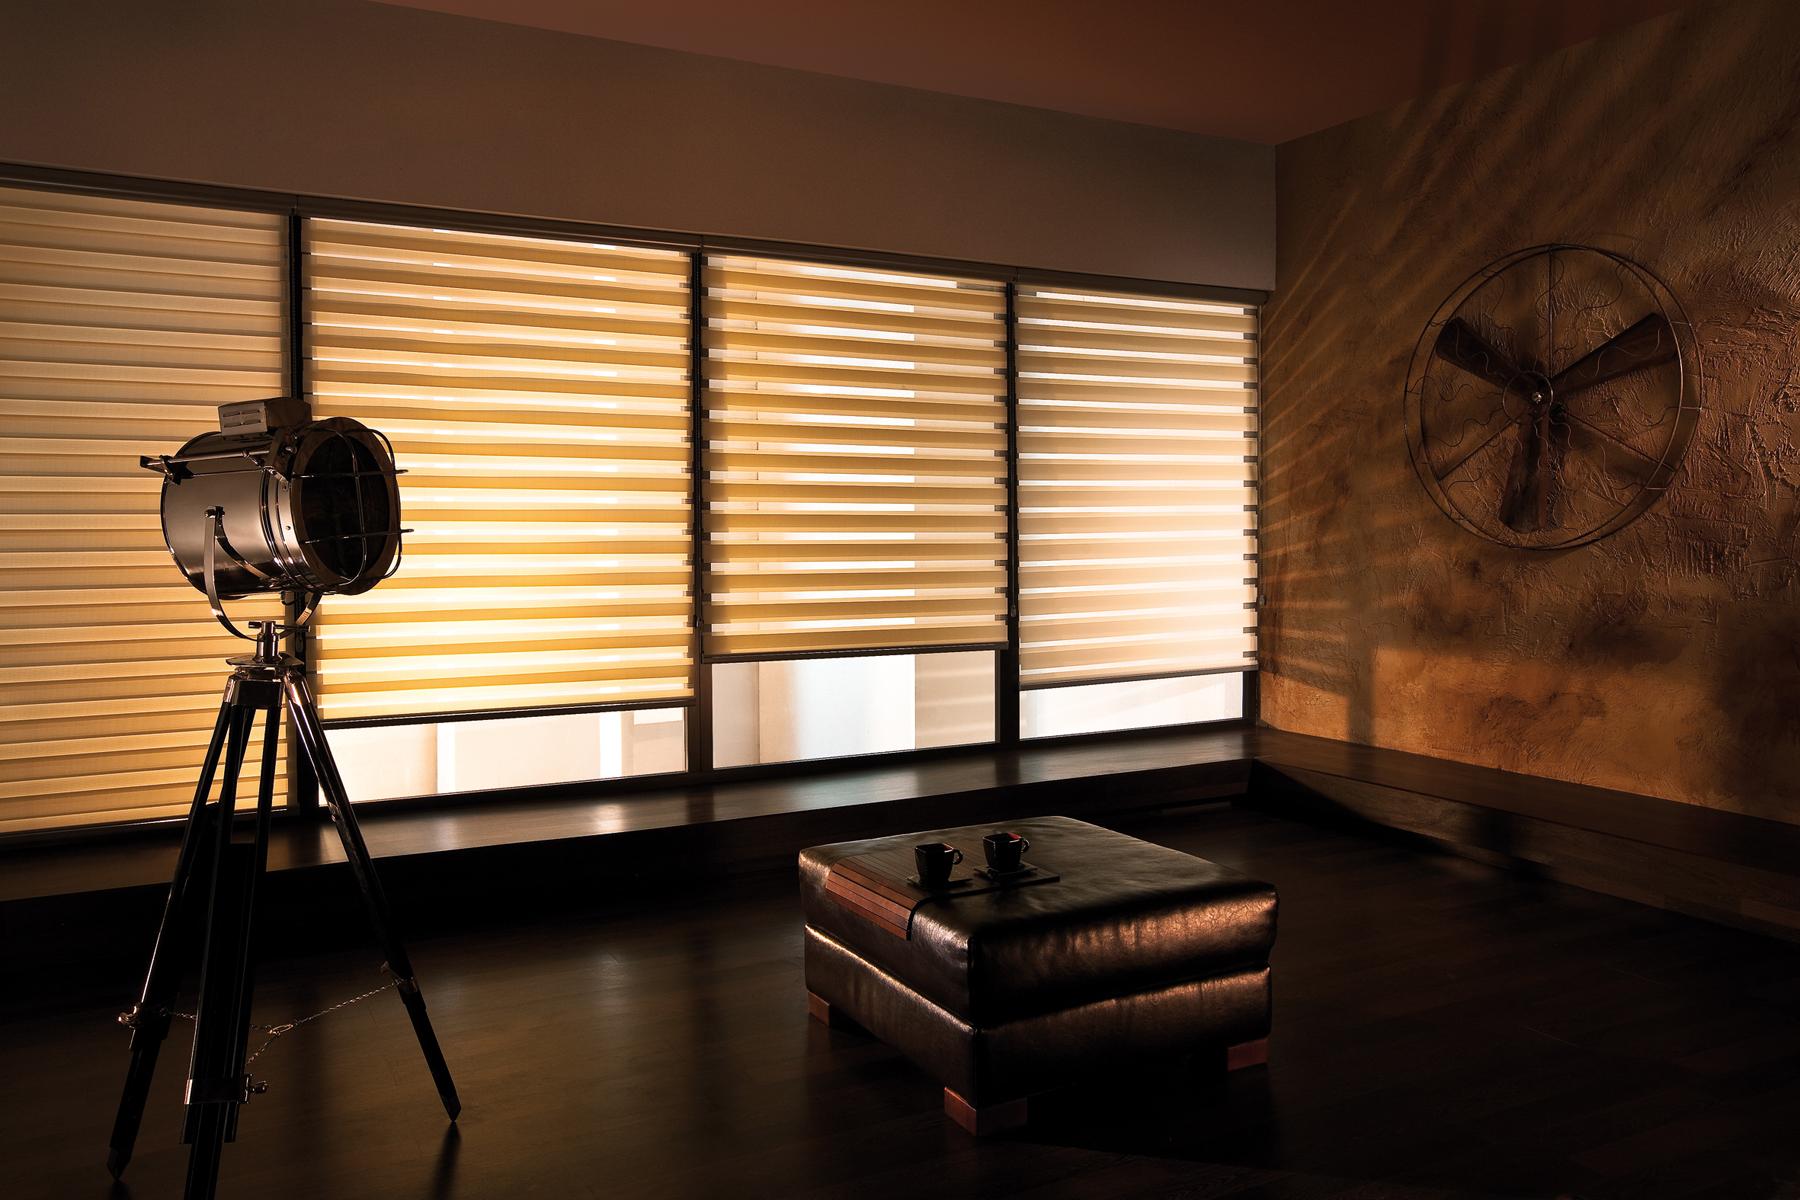 deluxe doppelrollo. Black Bedroom Furniture Sets. Home Design Ideas